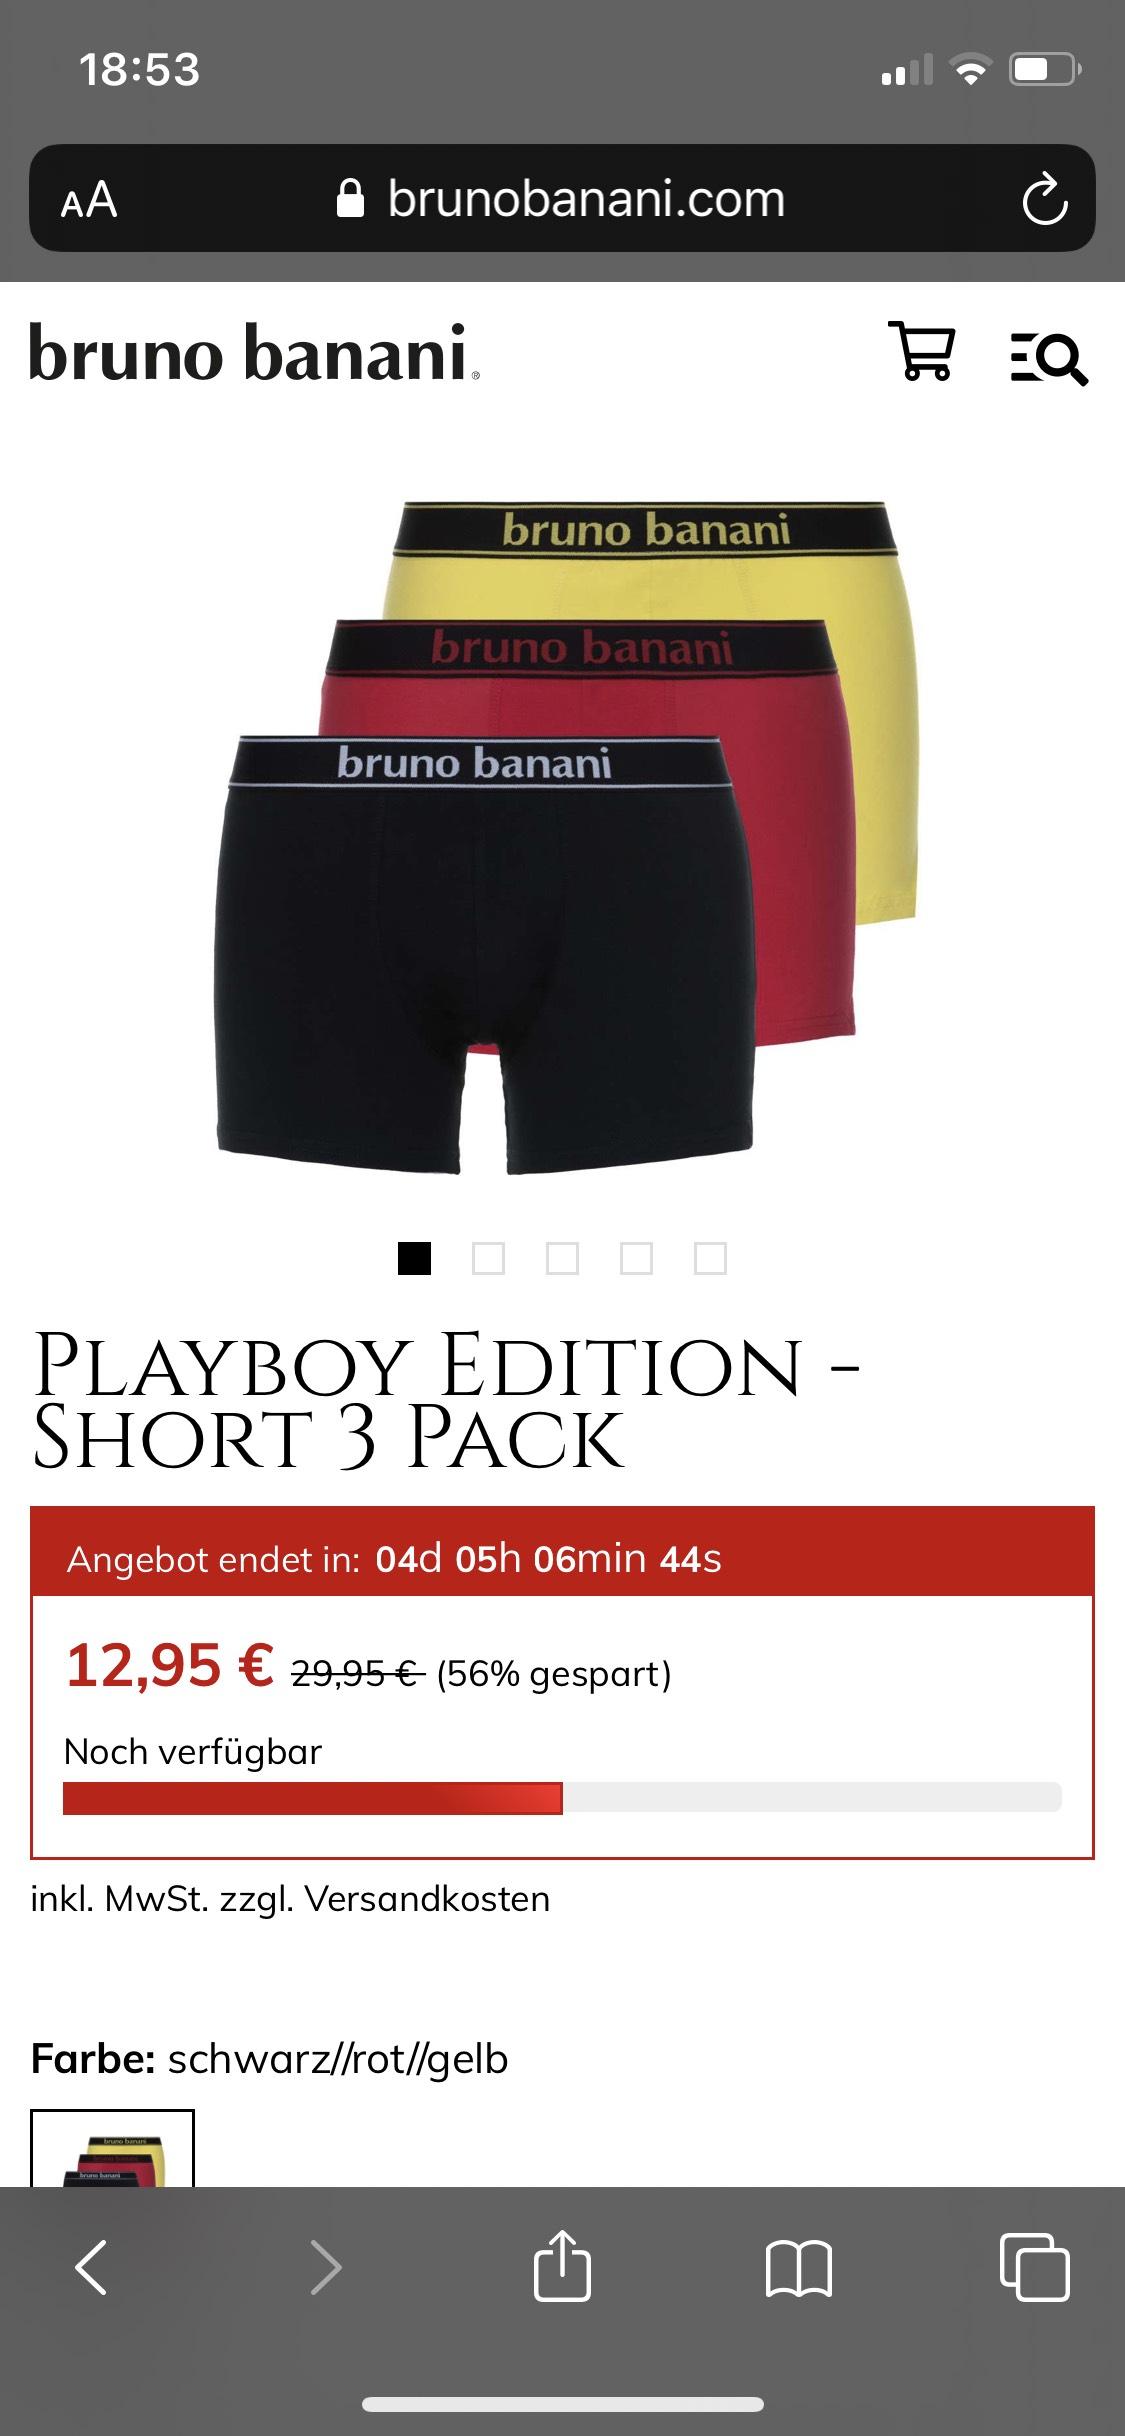 Cyber week sale bis zu 70% bei Bruno Banani, z.B. Playboy Edition Shorts 3er Pack für 12,95 +VSK